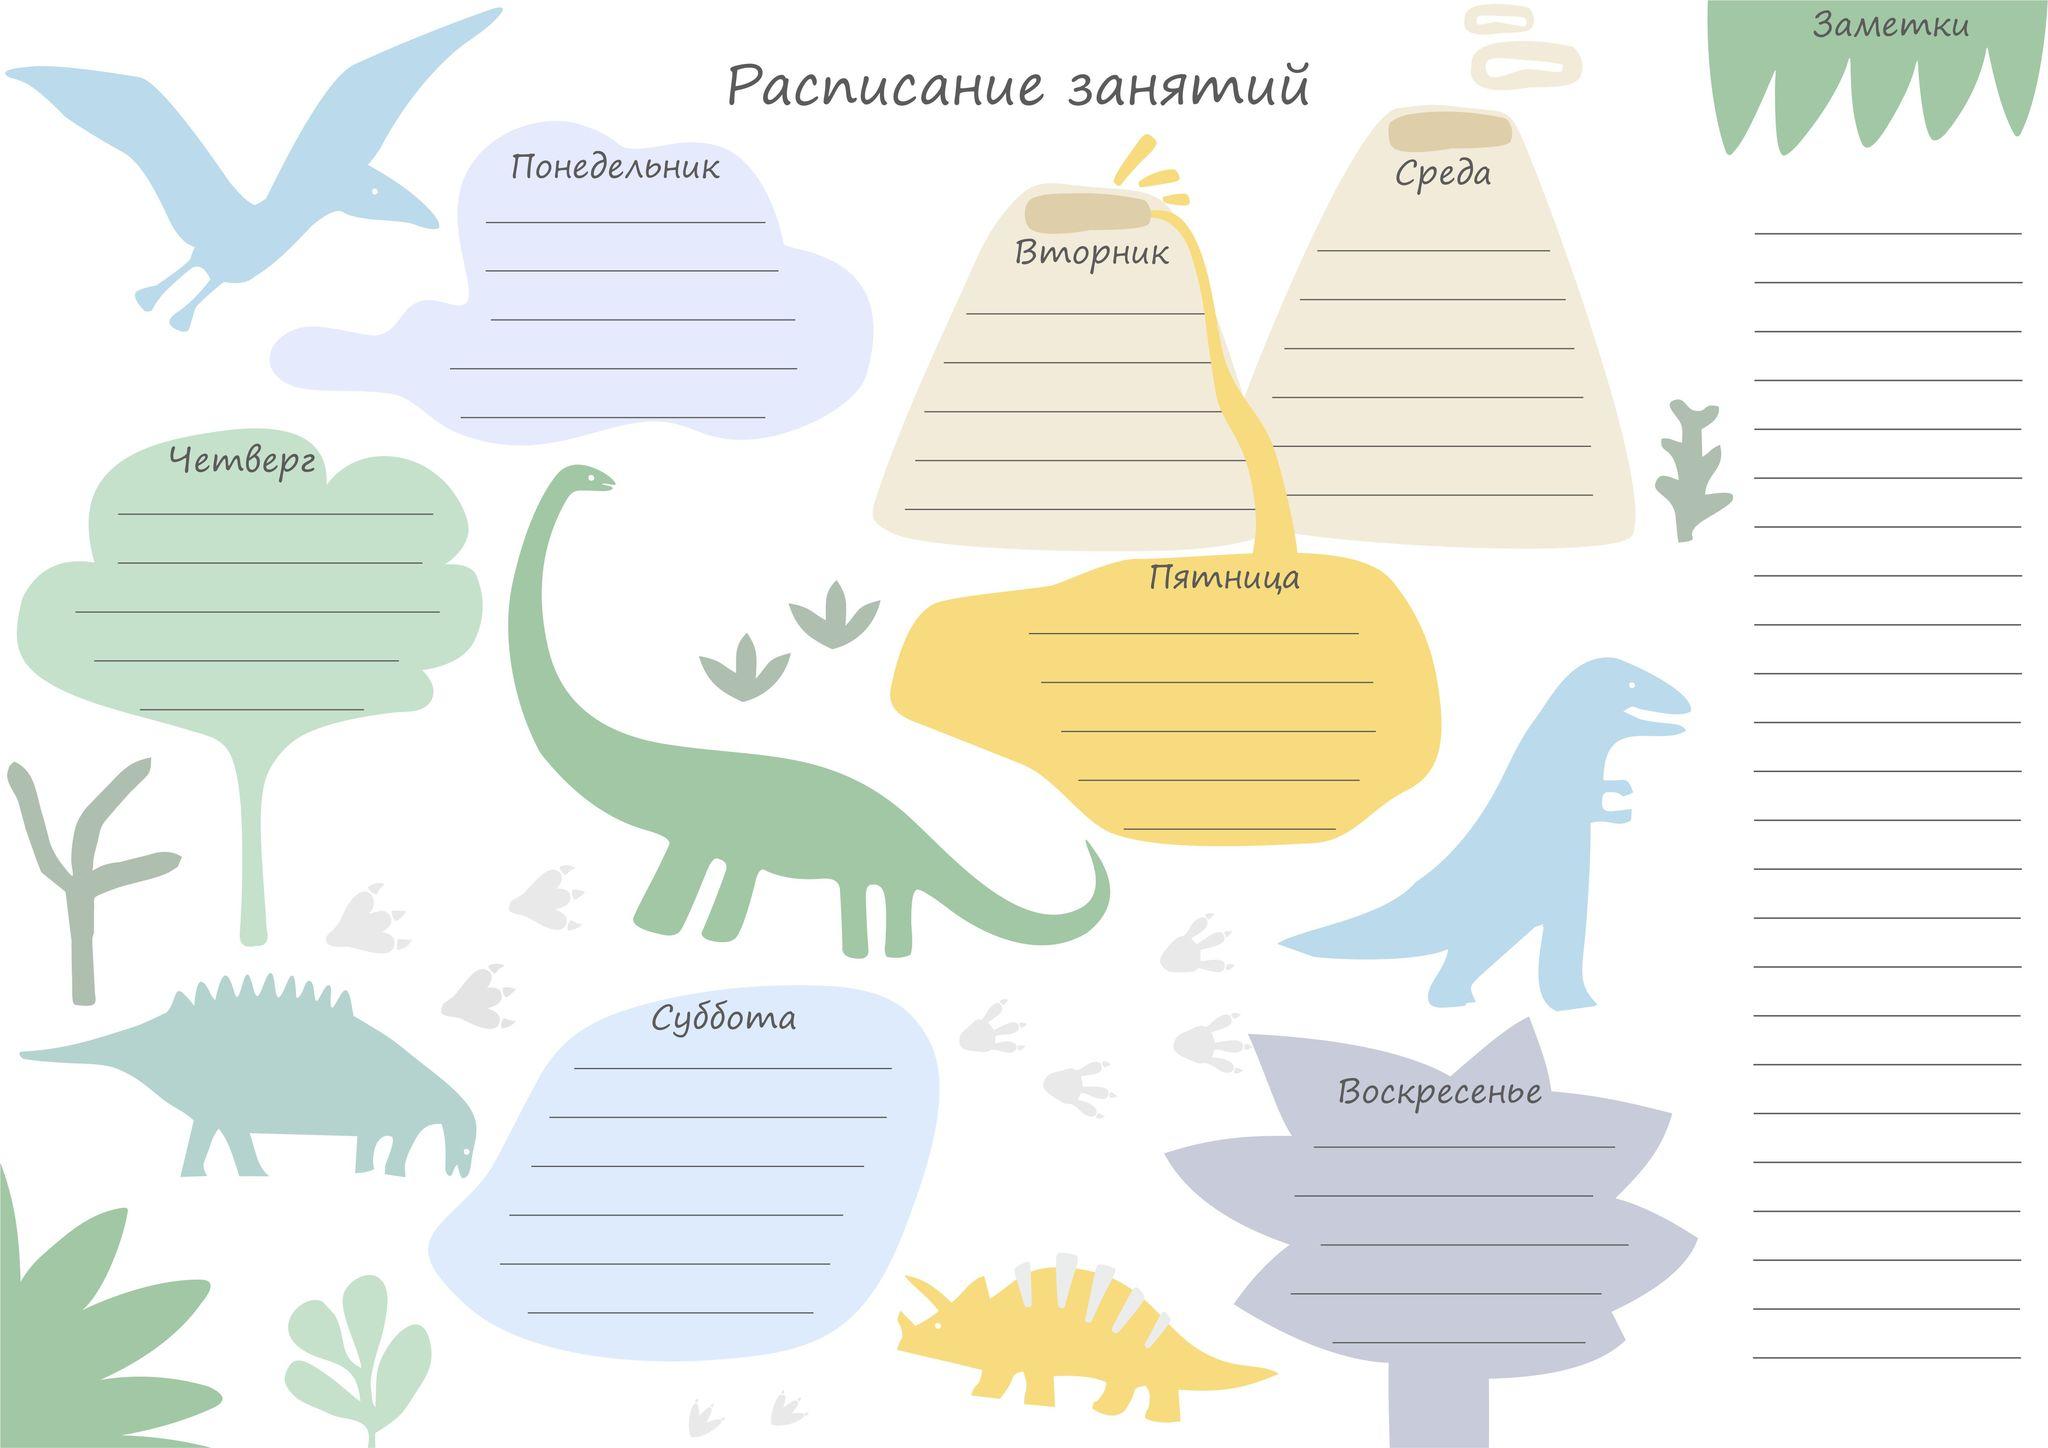 """Расписание занятий """"Динозавры"""" 29,7х42 см"""